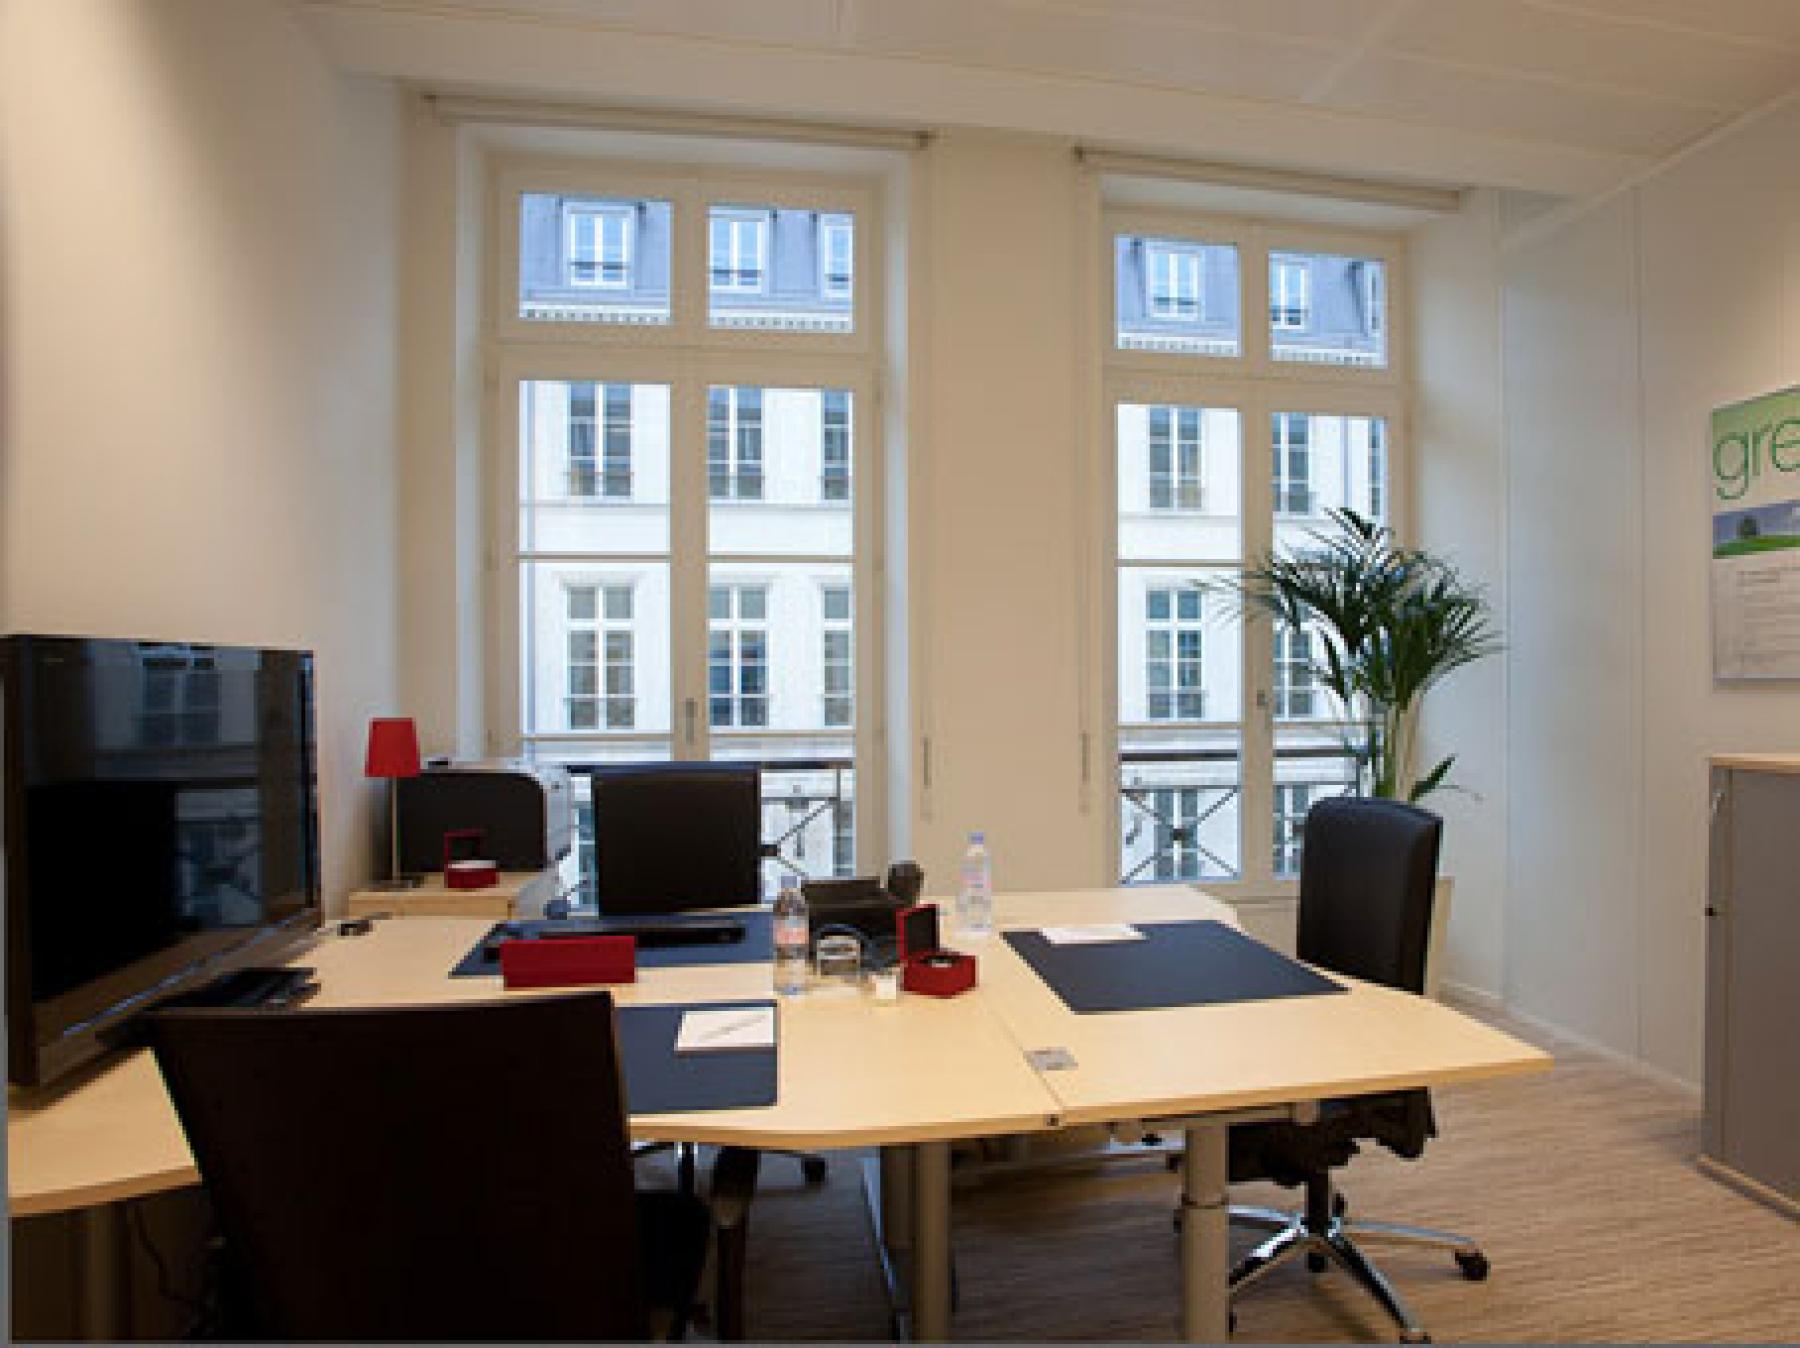 Bureaux partagés confortables dans la Rue de Grenelle